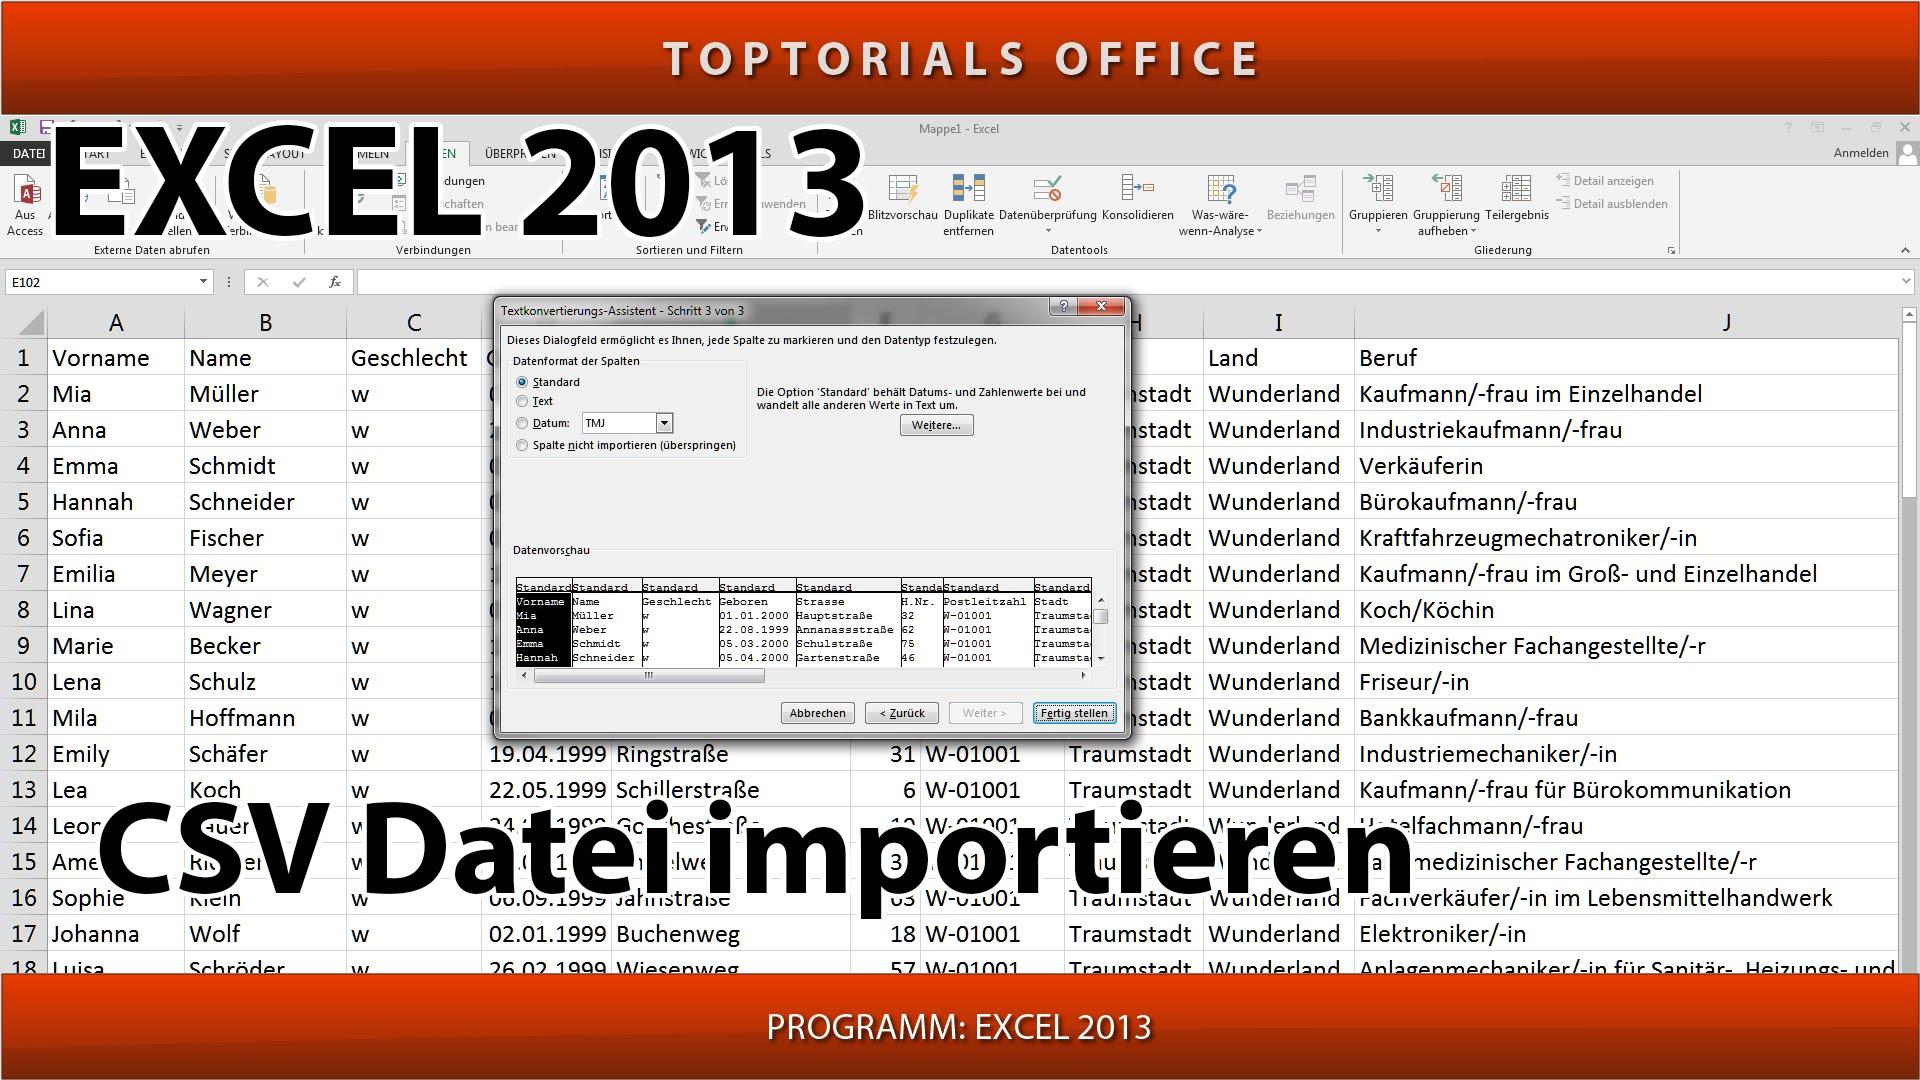 CSV Datei importieren mit und ohne Verknüpfung (Excel) - TOPTORIALS